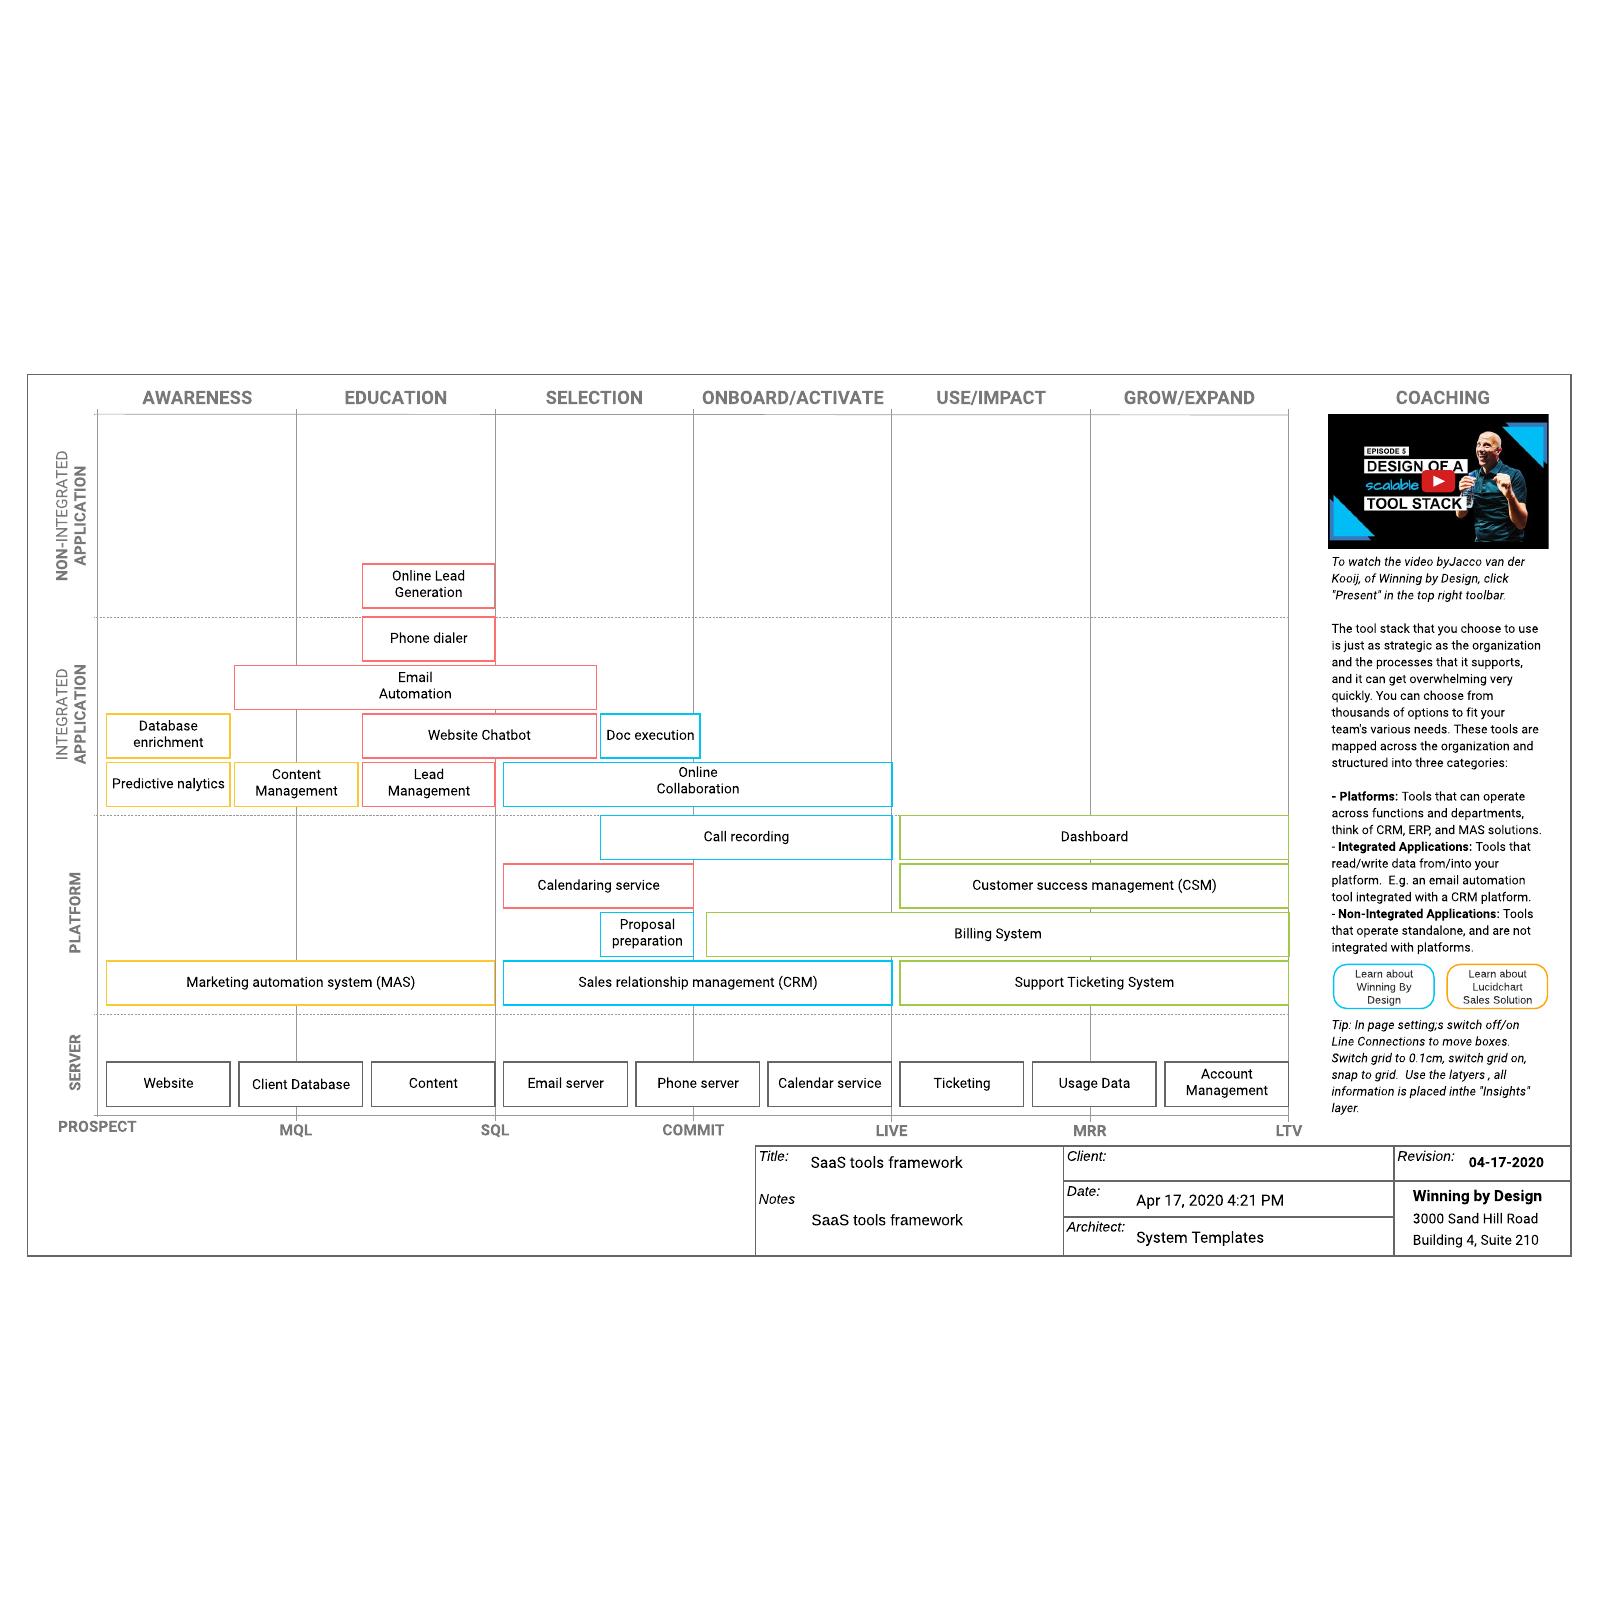 SaaS tools framework